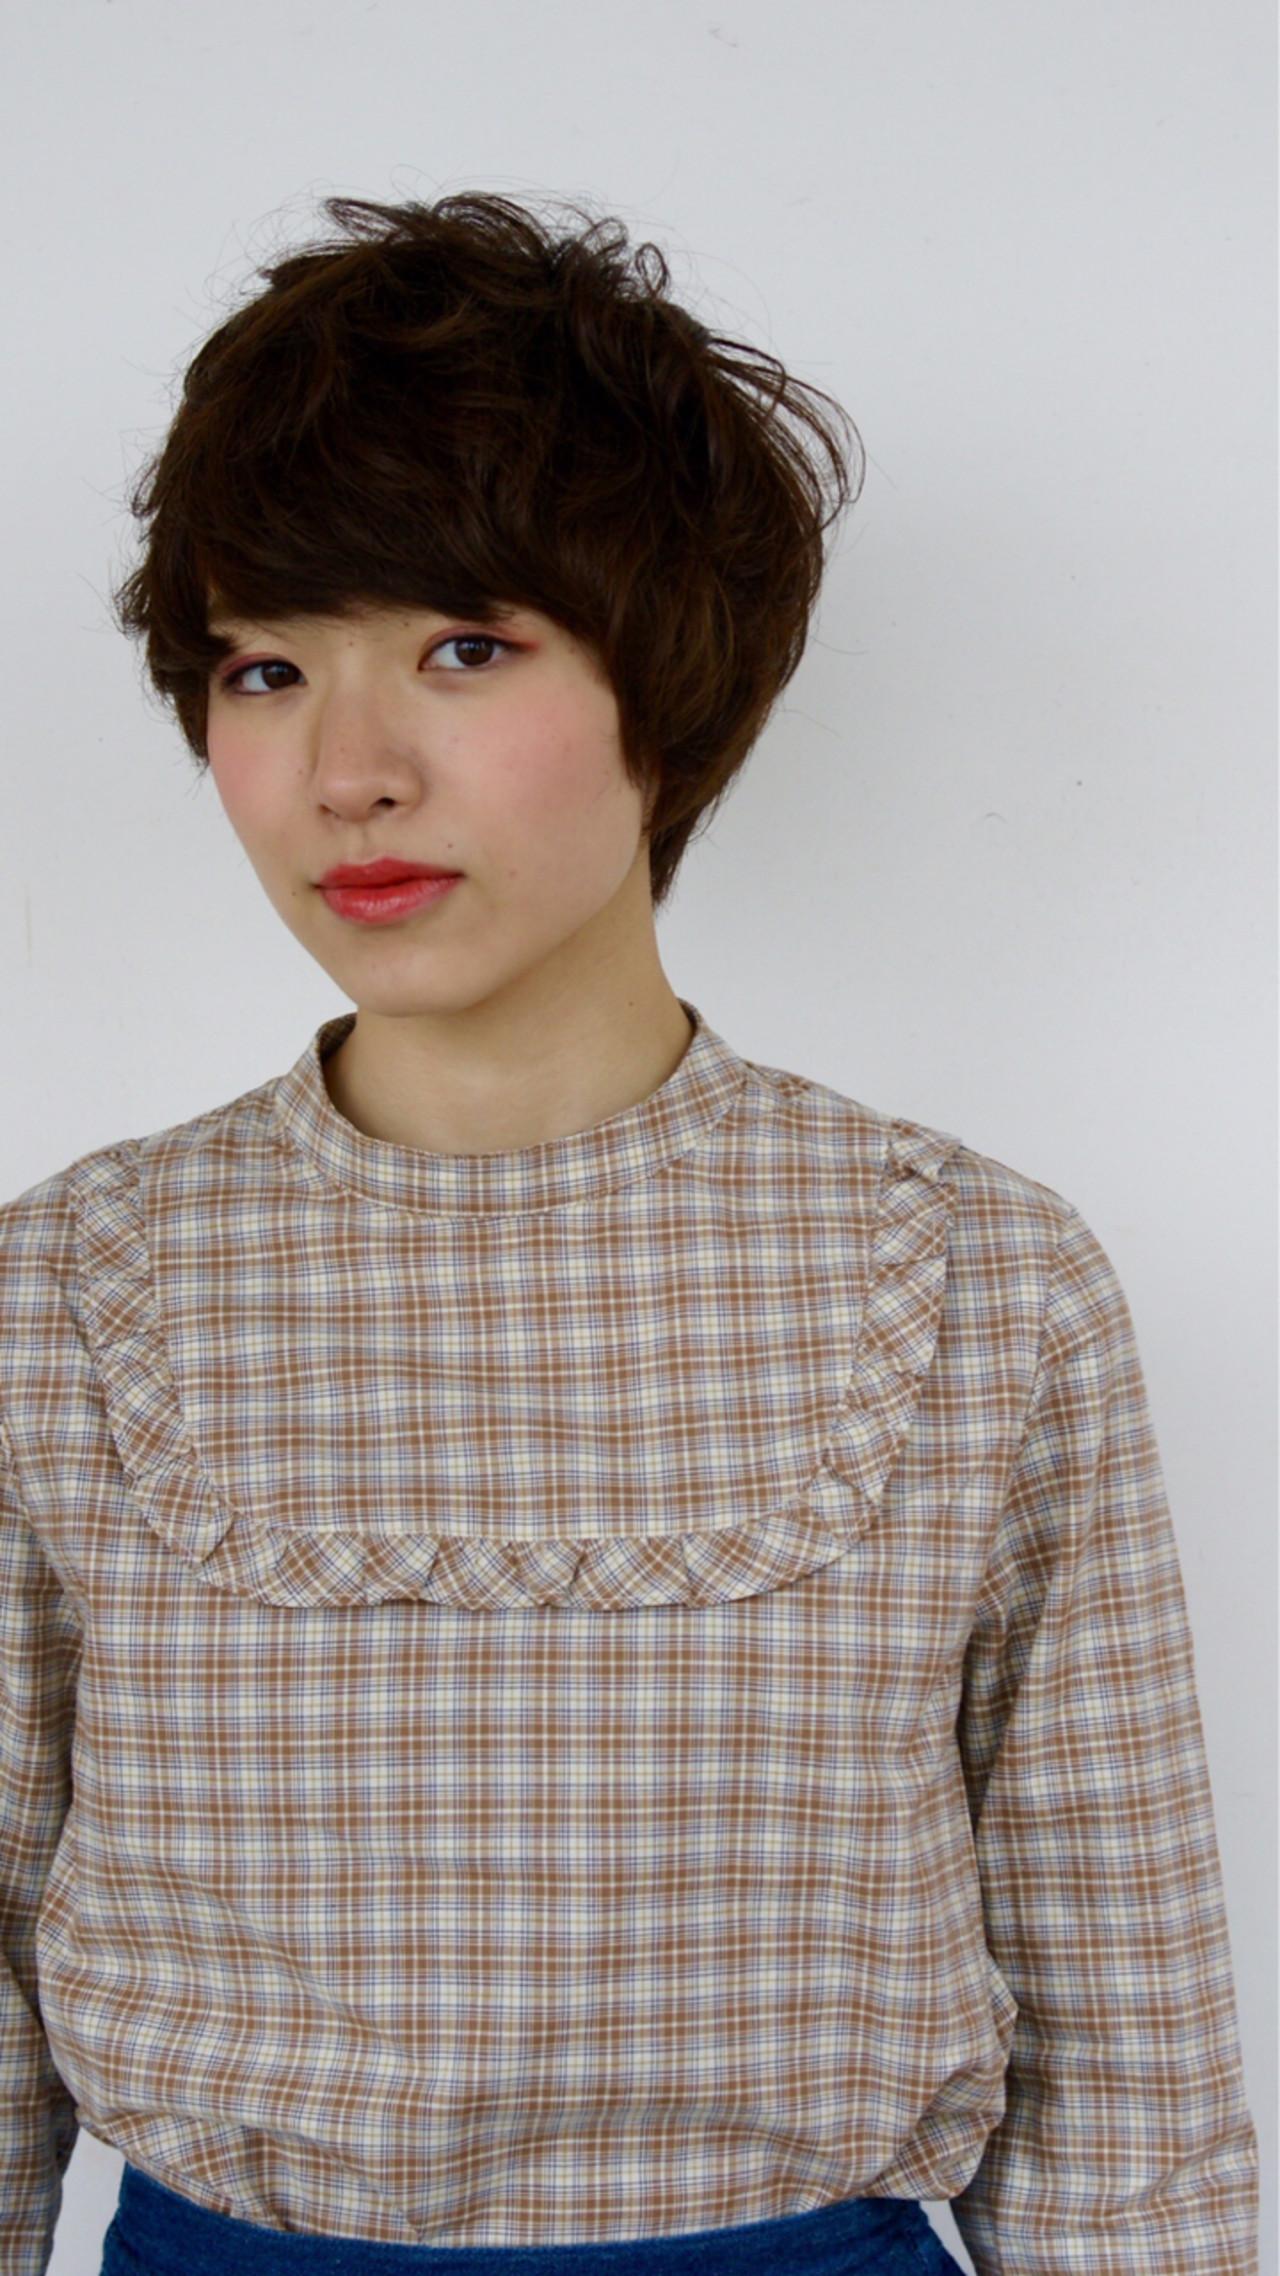 レイヤーカット アッシュ パーマ 前髪あり ヘアスタイルや髪型の写真・画像 | 井上俊平 / HAIRWORKS bona.